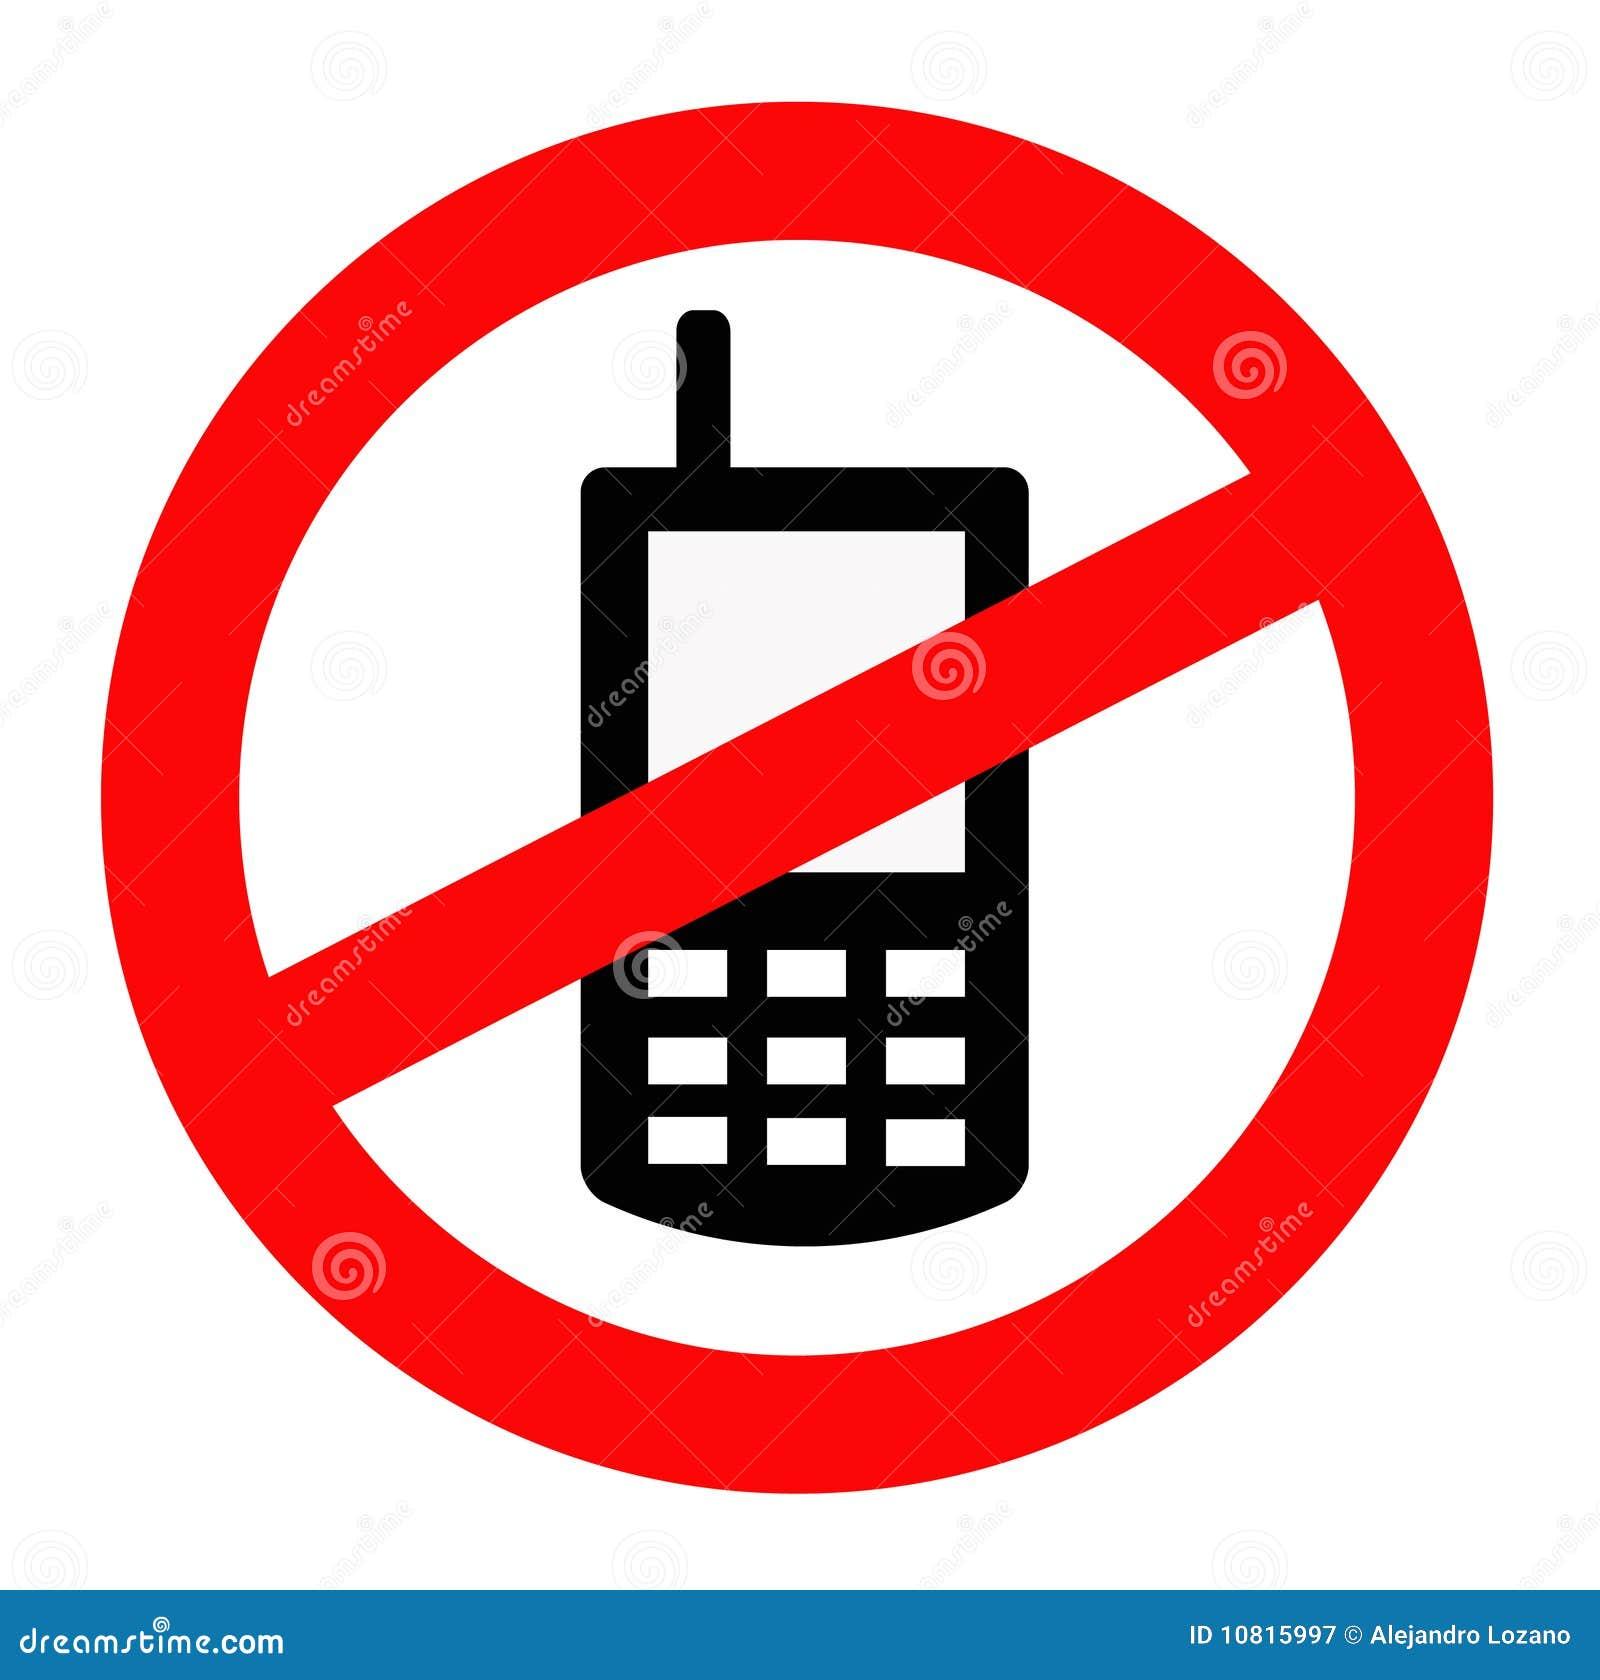 Фото мобільний телефон заборонен 7 фотография